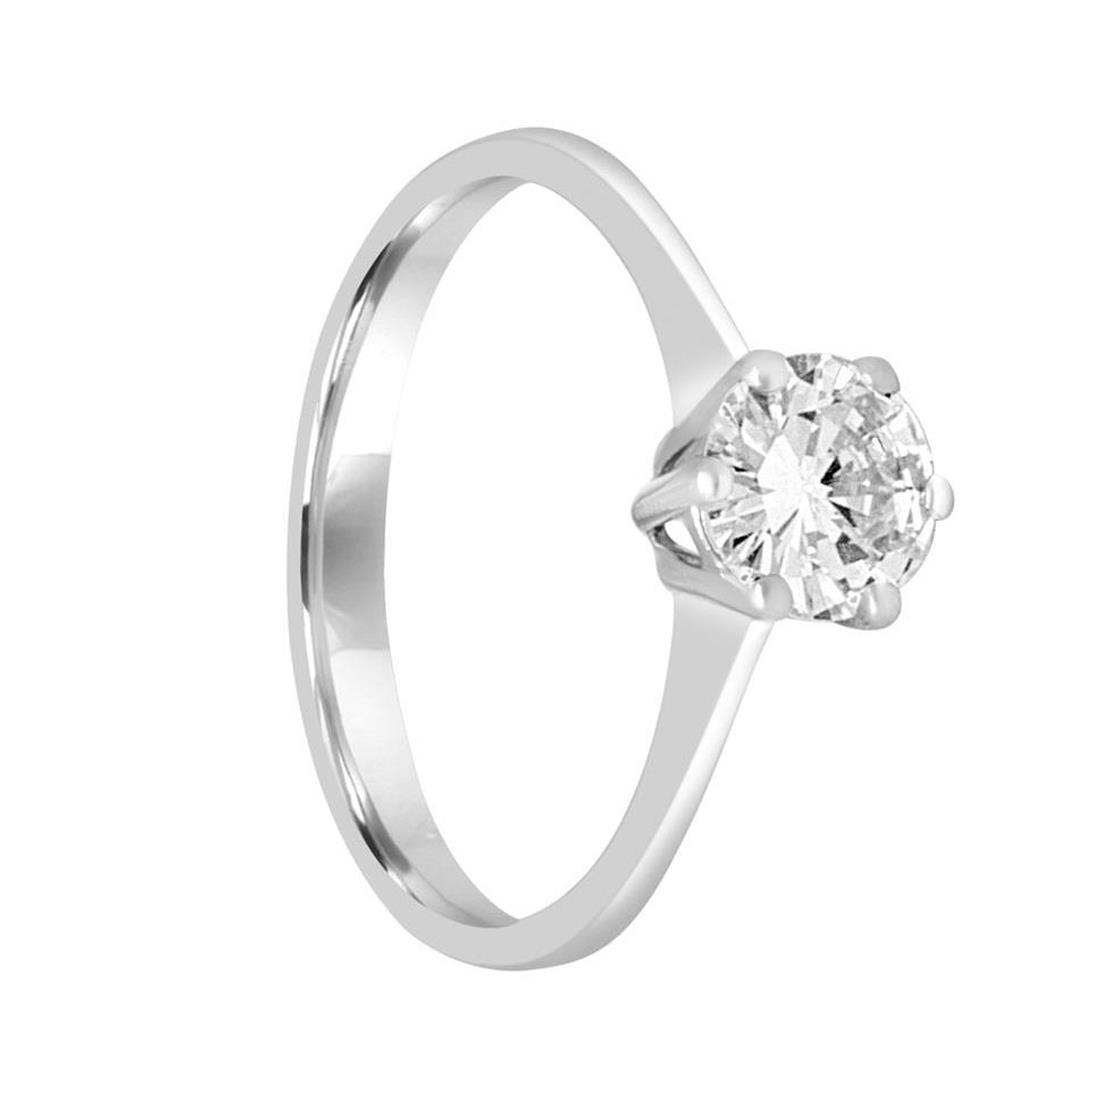 Anello solitario in oro bianco e diamante ct 0.70, misura 14 - ORO&CO